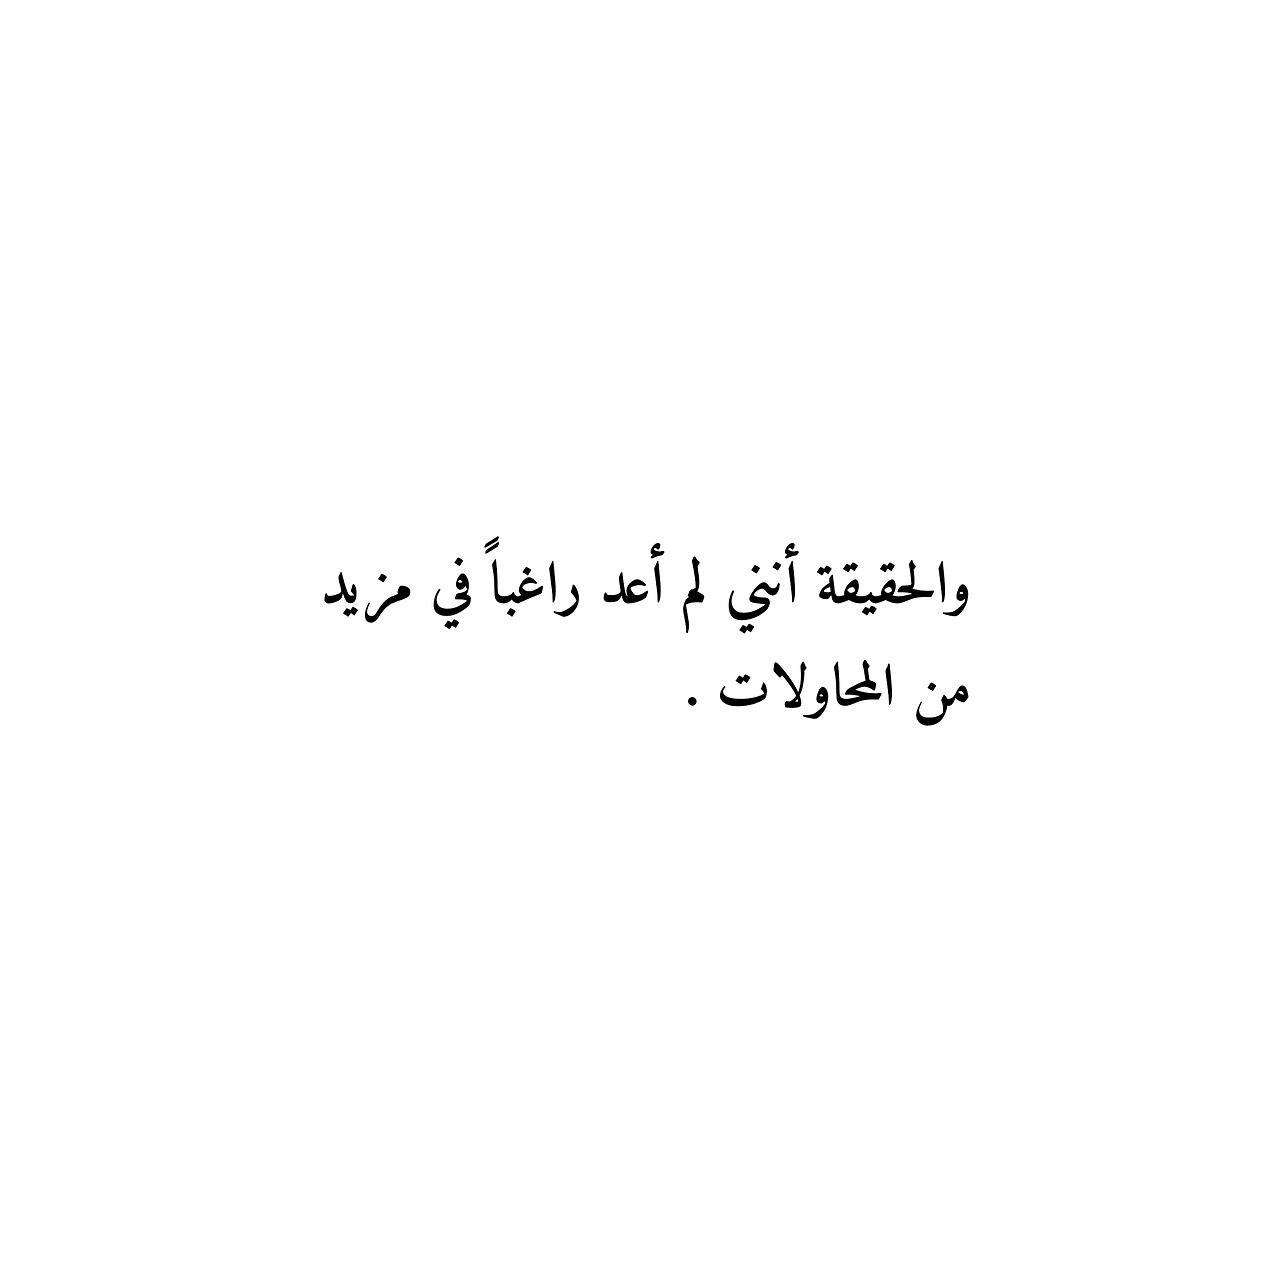 نتيجة بحث الصور عن تعبت من التفكير بالمستقبل Quotes Arabic Calligraphy Calligraphy